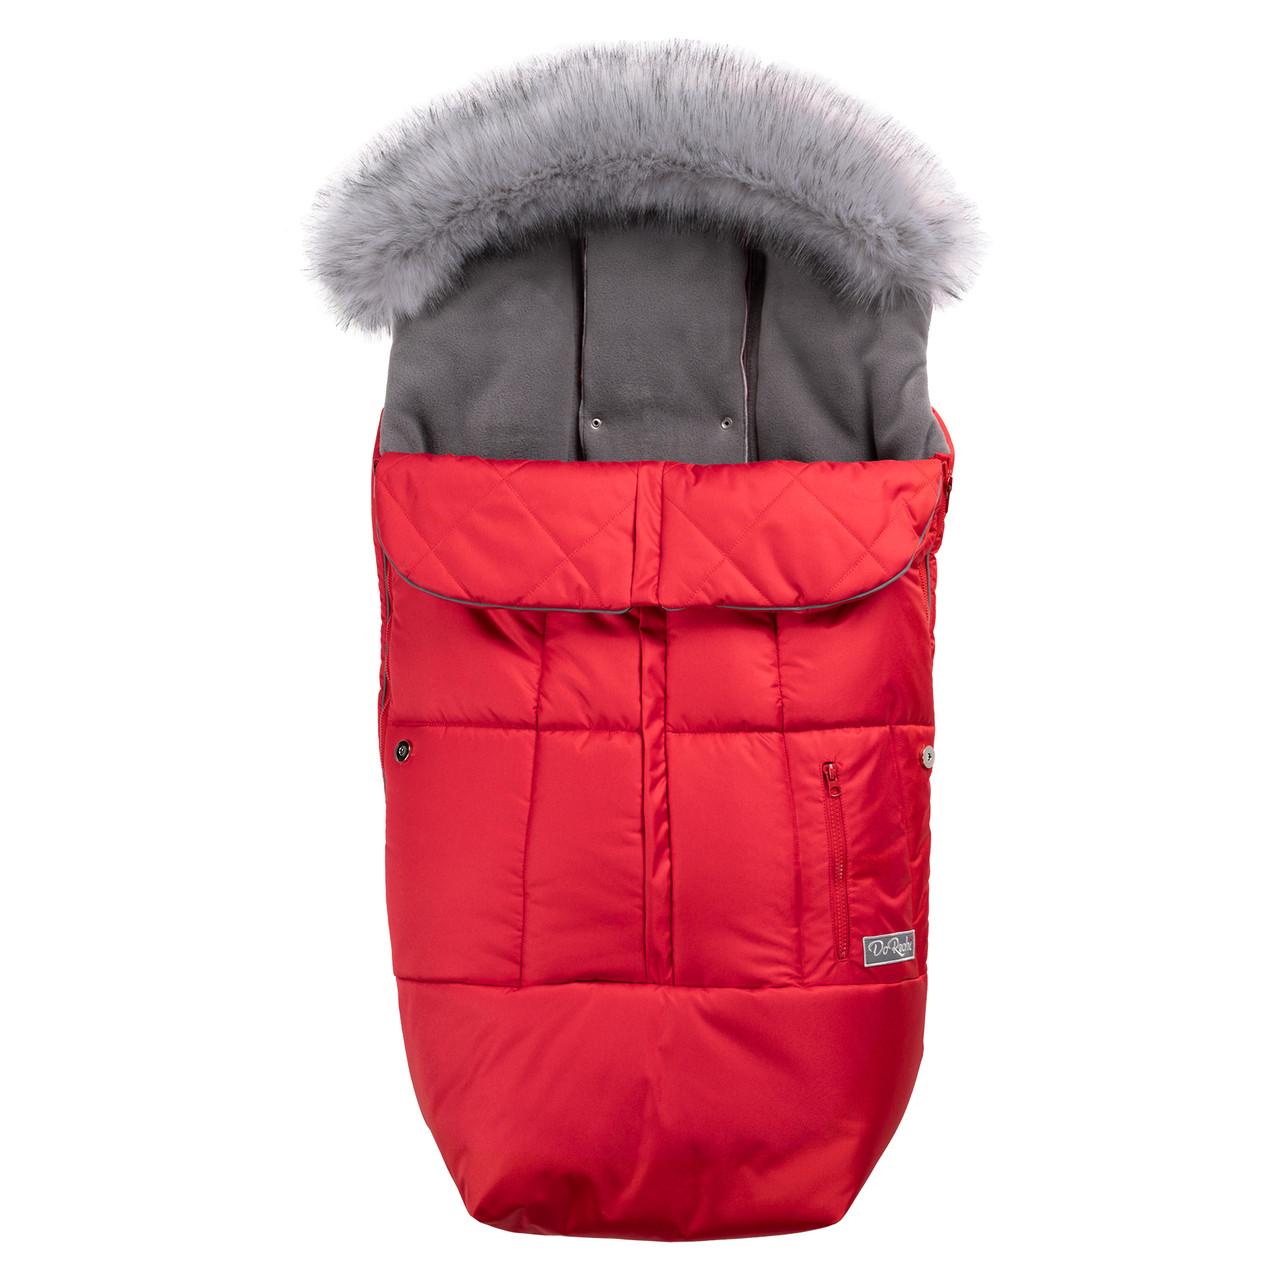 Зимний конверт в коляску на флисе с меховой опушкой, чехол для коляски Trend красный